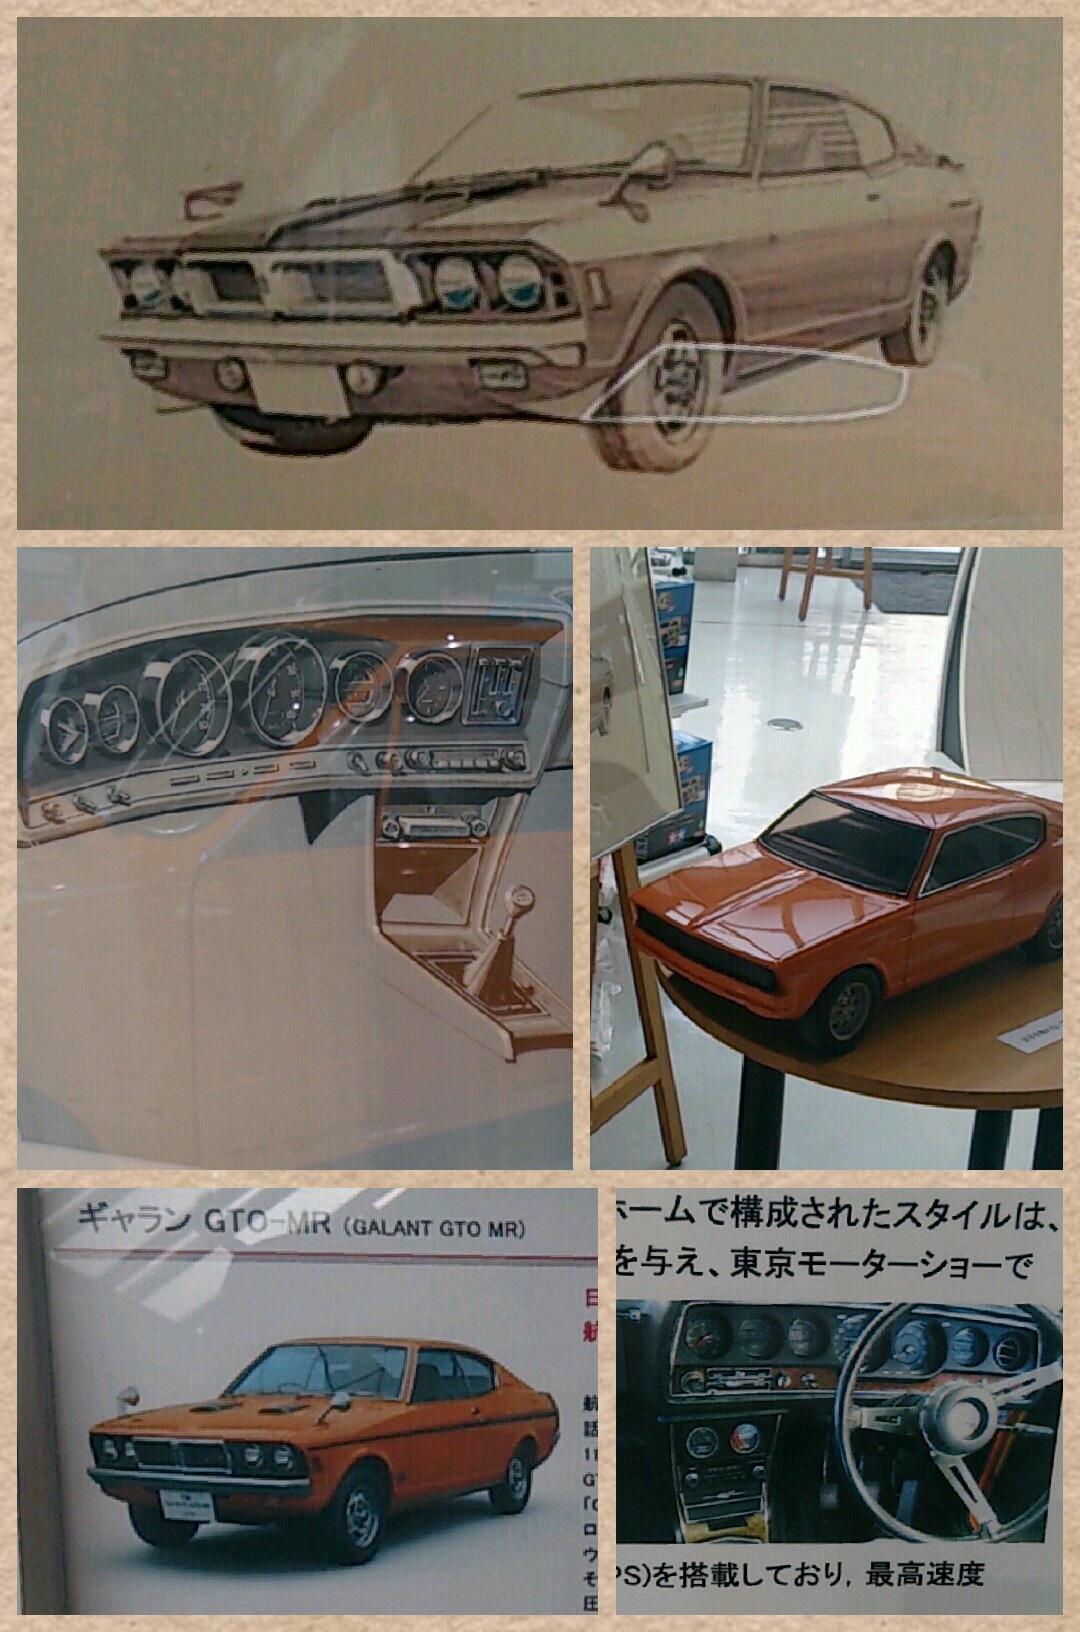 三菱オートギャラリー展 ギャランGTO